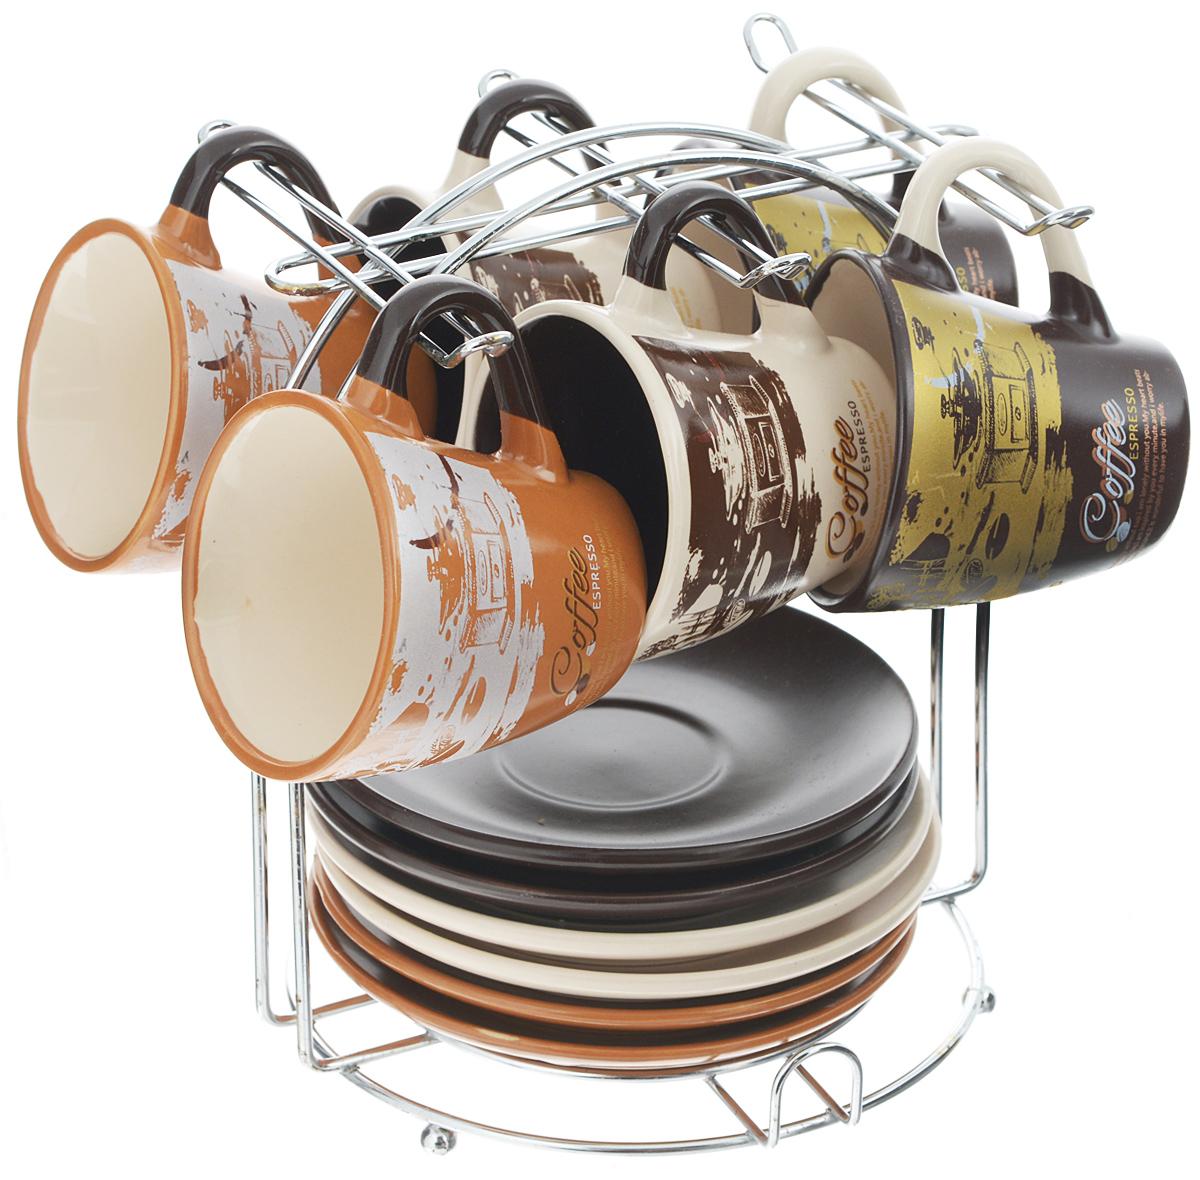 Набор кофейный Loraine, на подставке, 13 предметов24666Кофейный набор Loraine состоит из 6 чашек, 6 блюдец и подставки. Изделия выполнены из высококачественной керамики, имеют яркий дизайн и размещены на металлической подставке. Такой набор прекрасно подойдет как для повседневного использования, так и для праздников. Диаметр чашки (по верхнему краю): 6,5 см. Высота чашки: 6 см. Диаметр блюдца: 11,5 см. Высота блюдца: 1,7 см. Объем чашки: 90 мл. Размер подставки: 15,5 х 15 х 17 см.